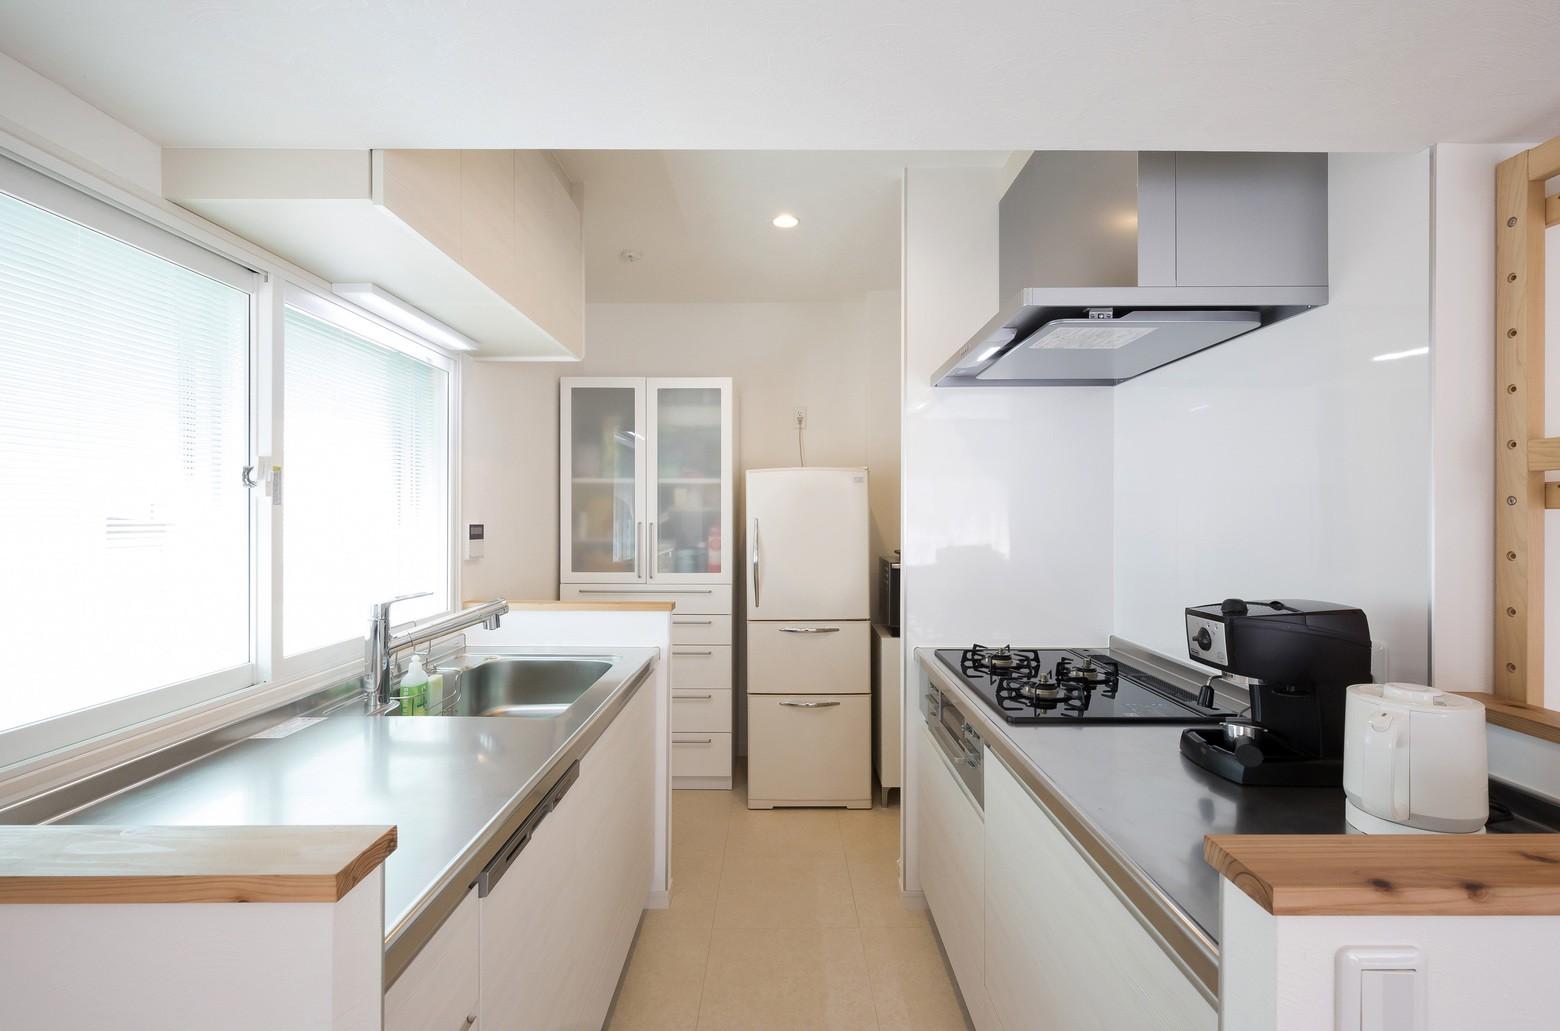 キッチン事例:キッチン(ご祖父母から受け継いだ築39年のスケルトンリノベーション)